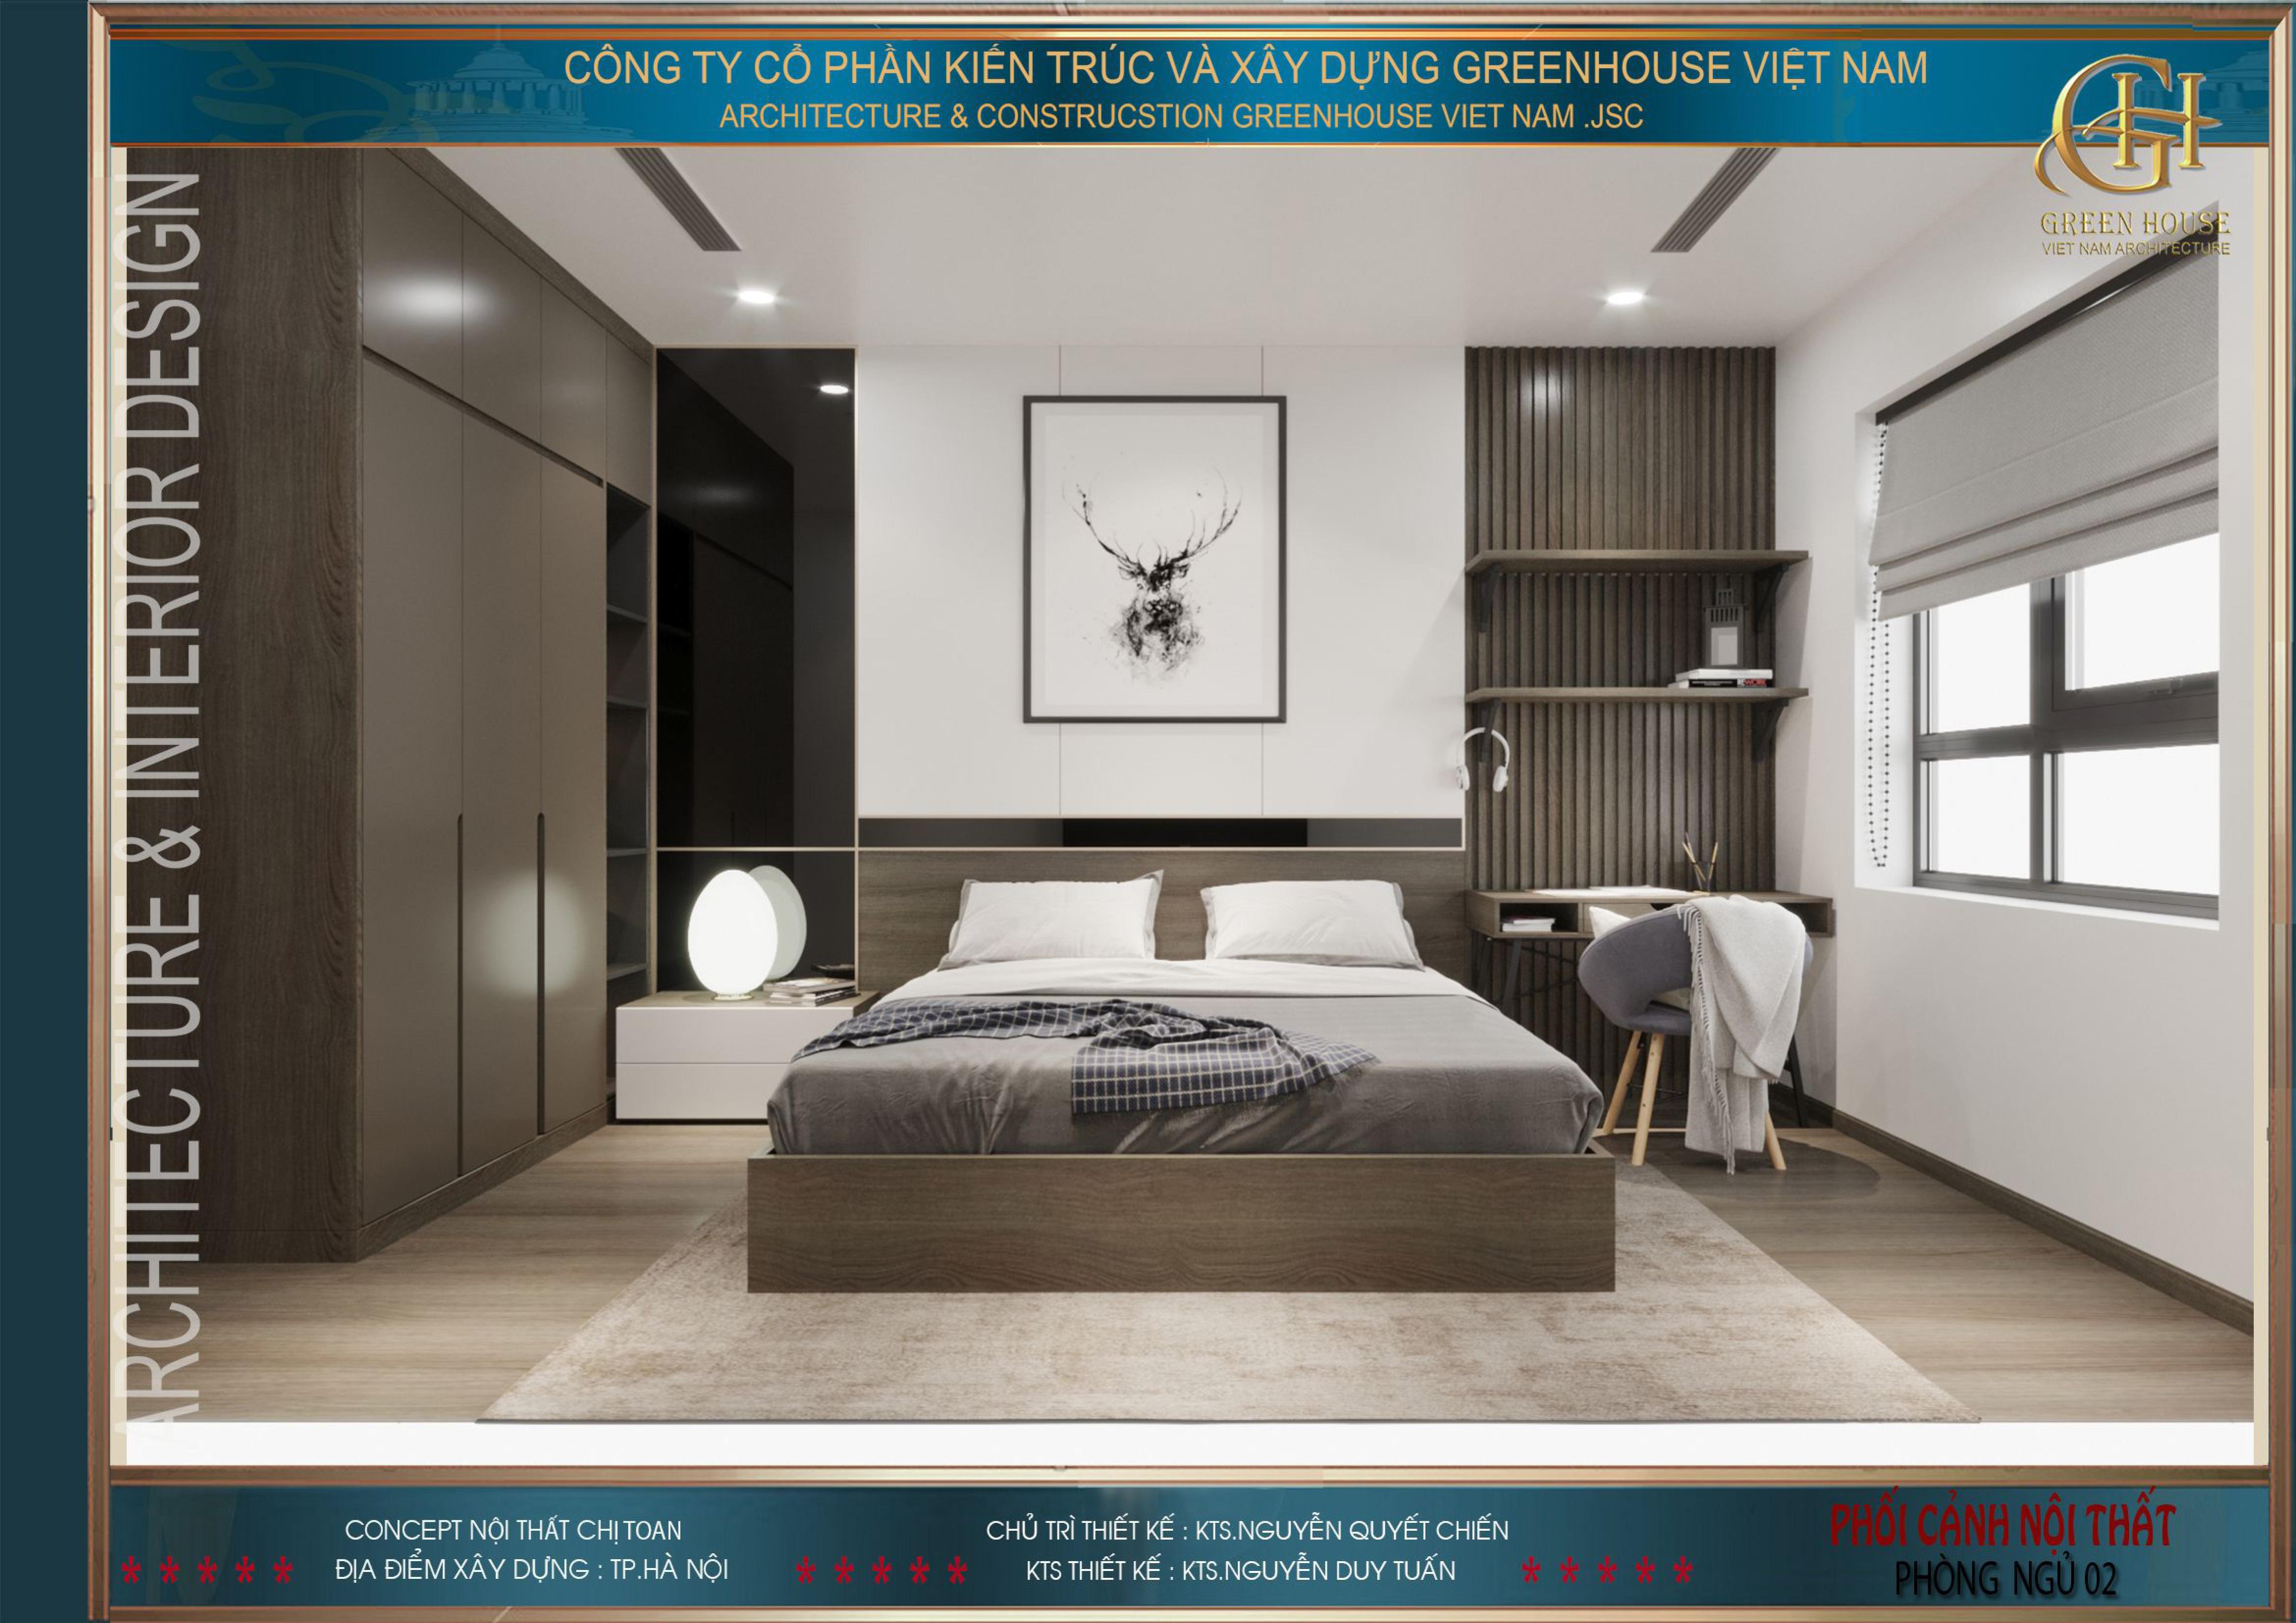 Phòng ngủ số 2 không sử dụng quá nhiều màu sắc nhưng vẫn toát lên vẻ sang trọng